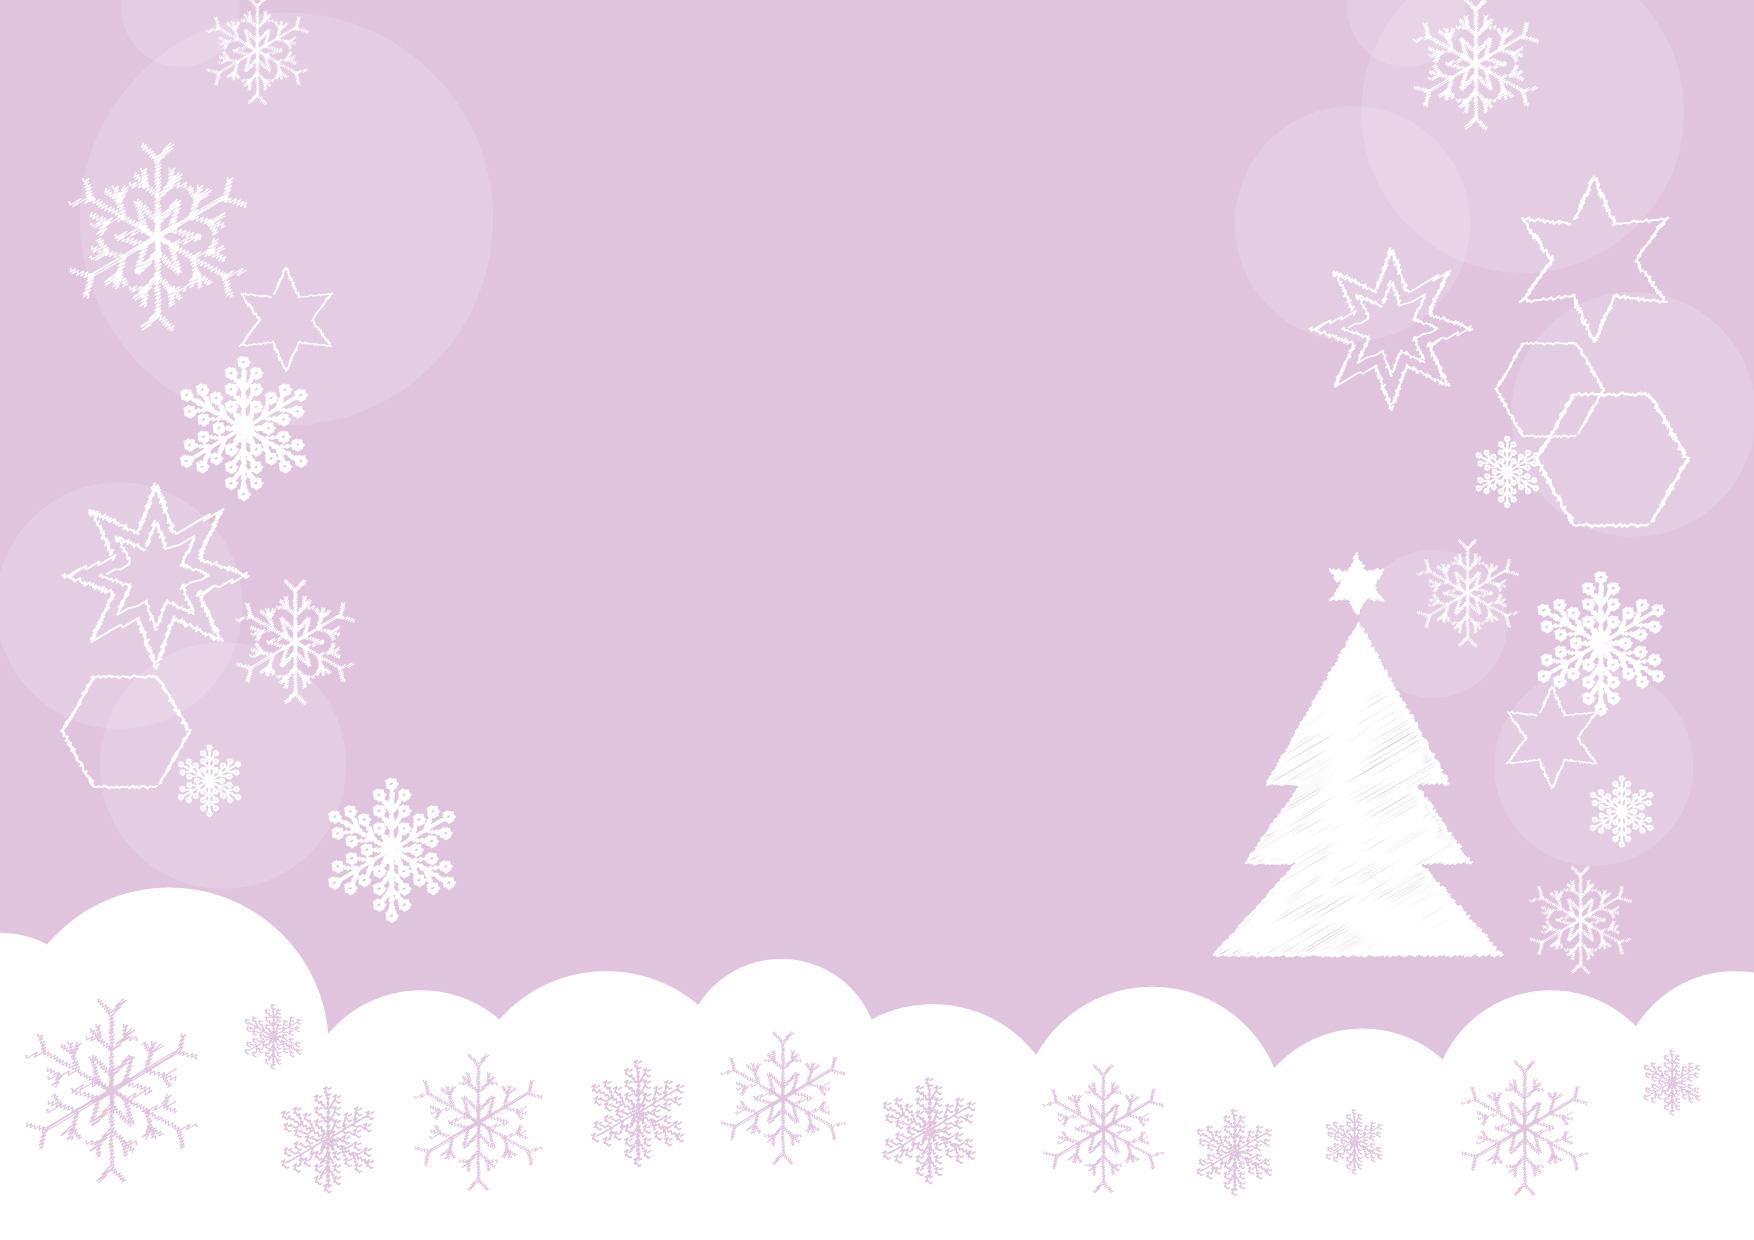 可愛いイラスト無料 雪の結晶 クリスマスツリー 紫色 背景 − free illustration Snowflakes Christmas tree purple background